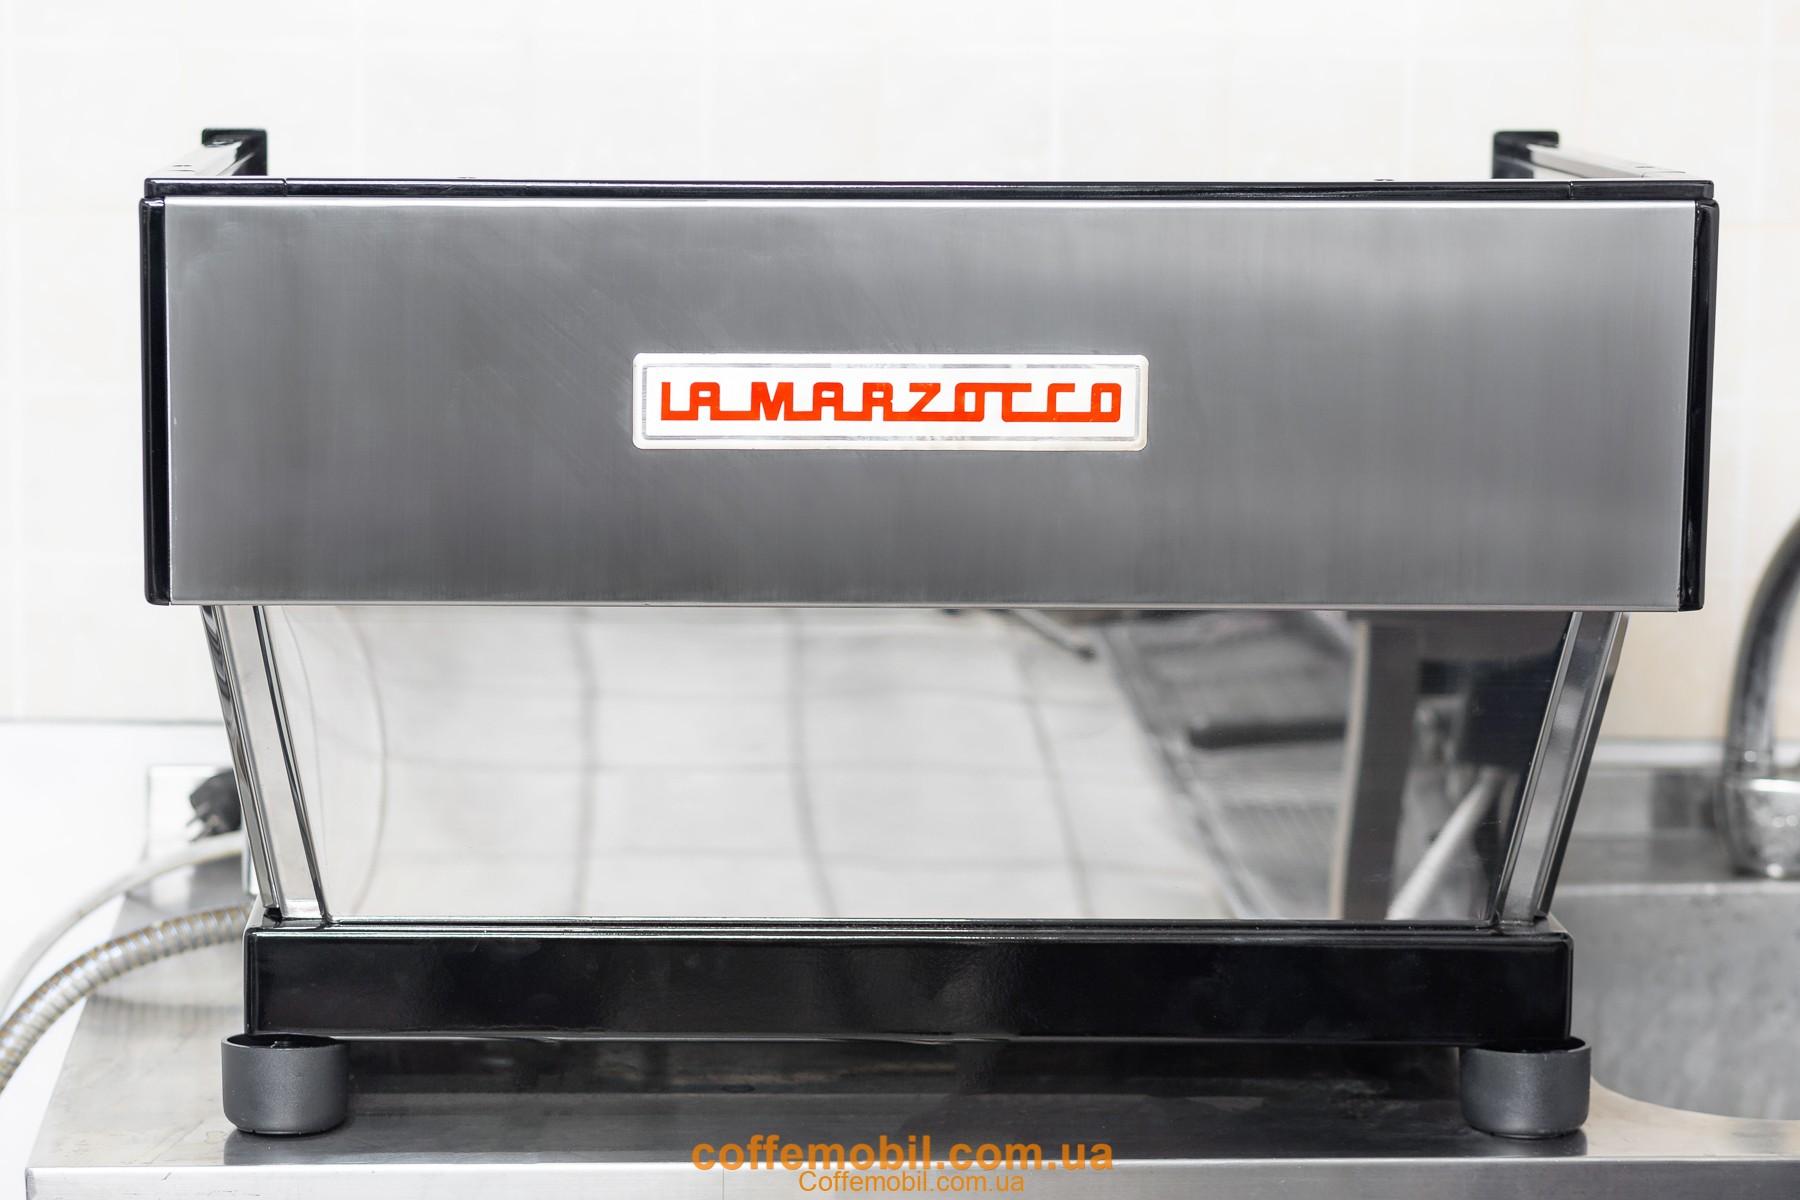 Реставрация кофемашин La Marzocco